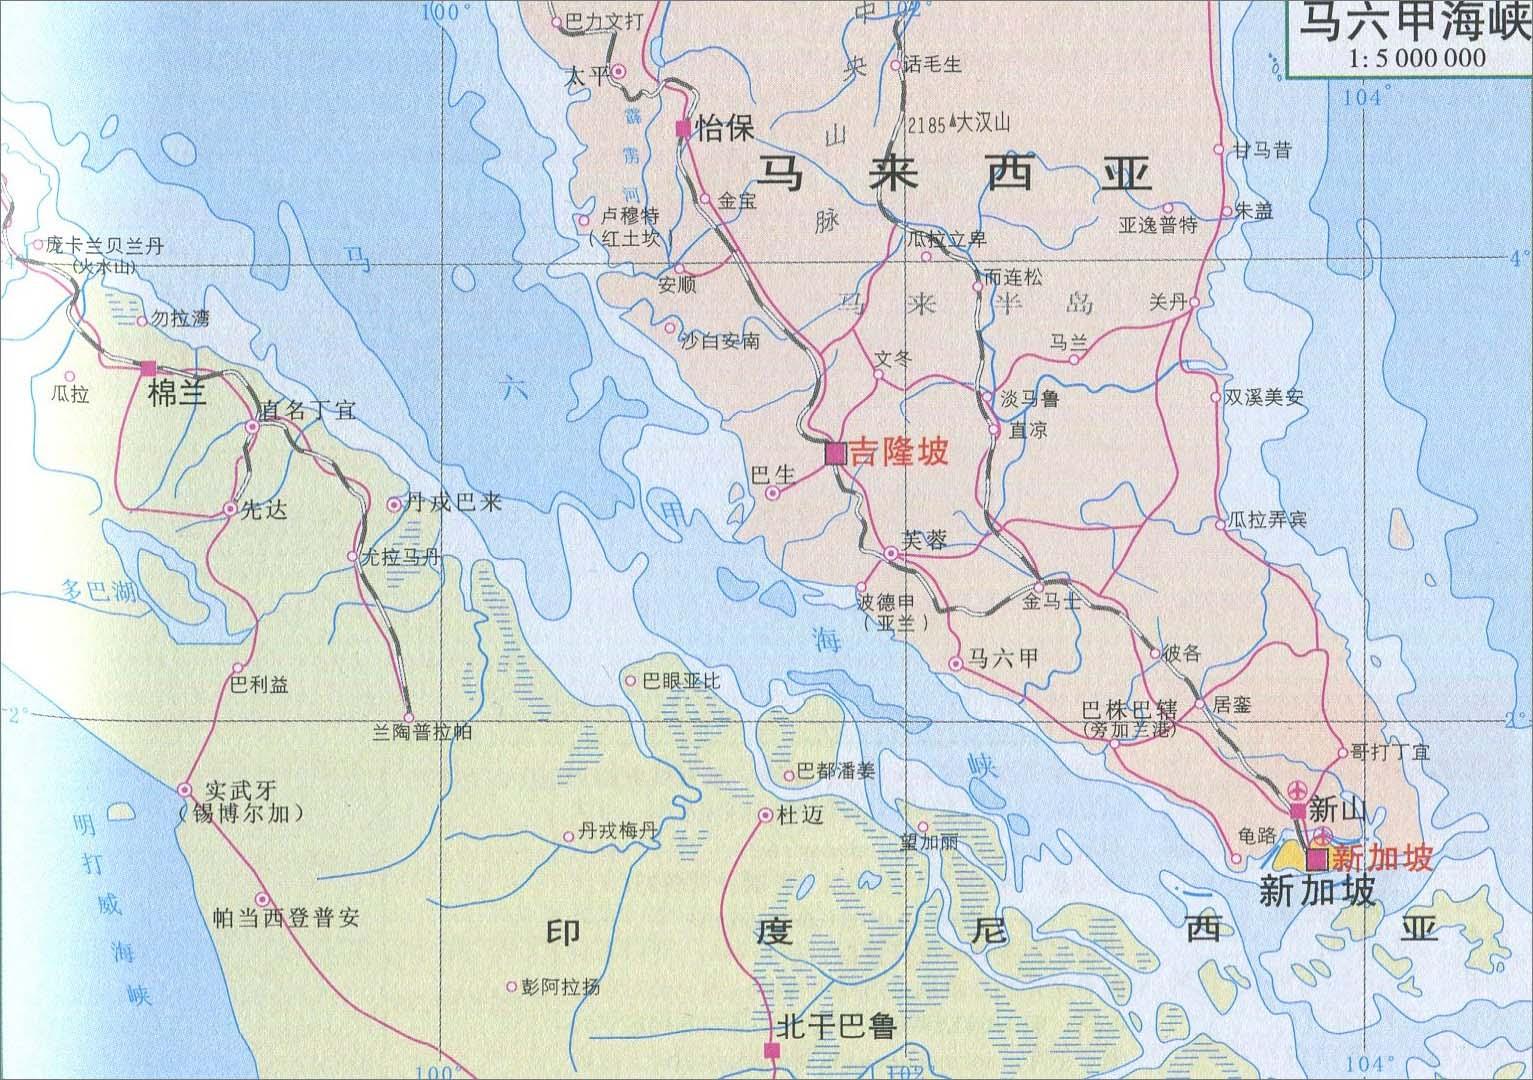 马六甲海峡旅游地图